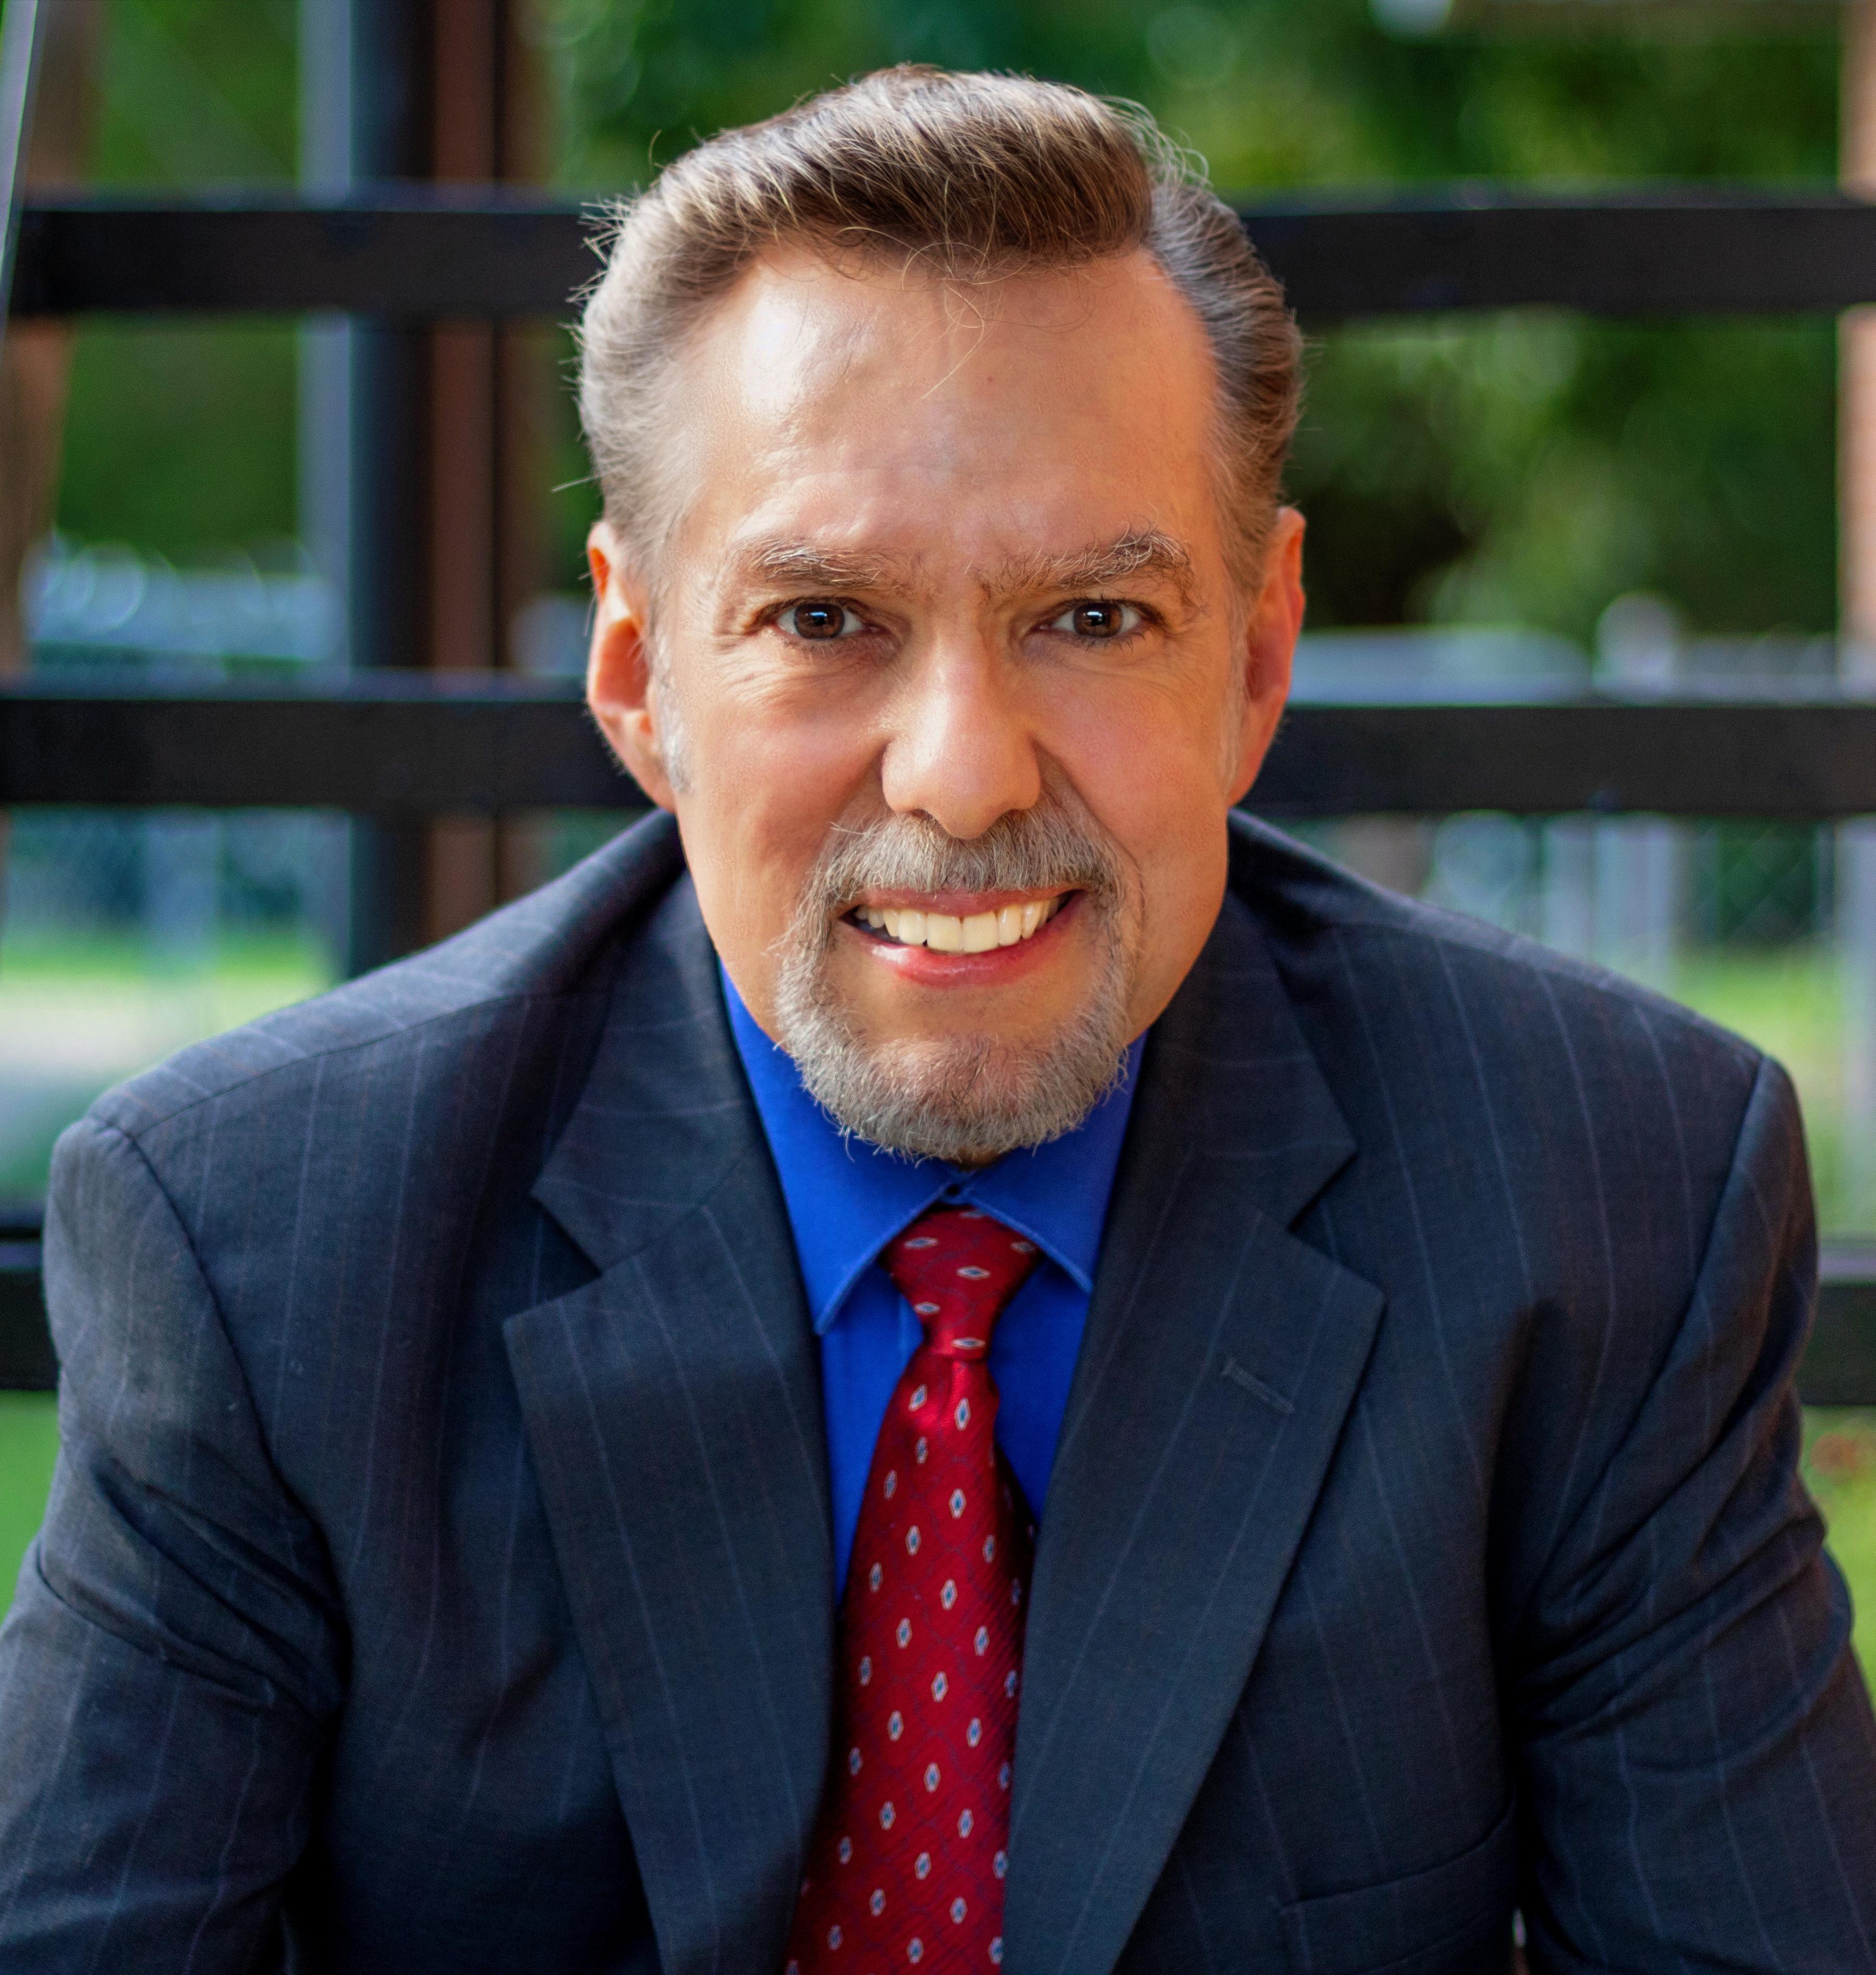 Dr. Joe Perez